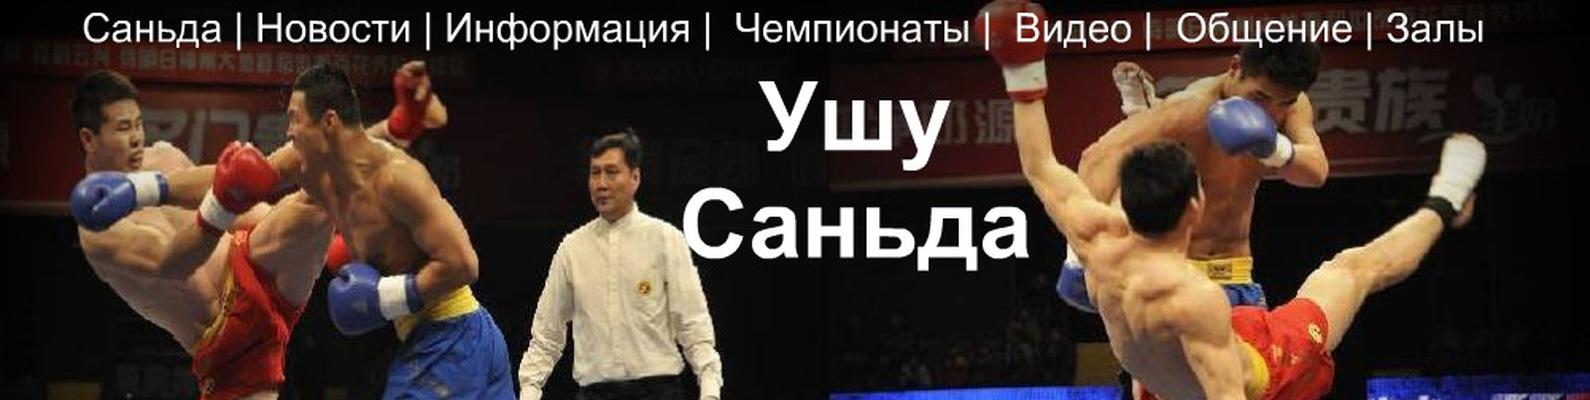 Санкт-Петербург названия ударов в ушу саньда Красноярске